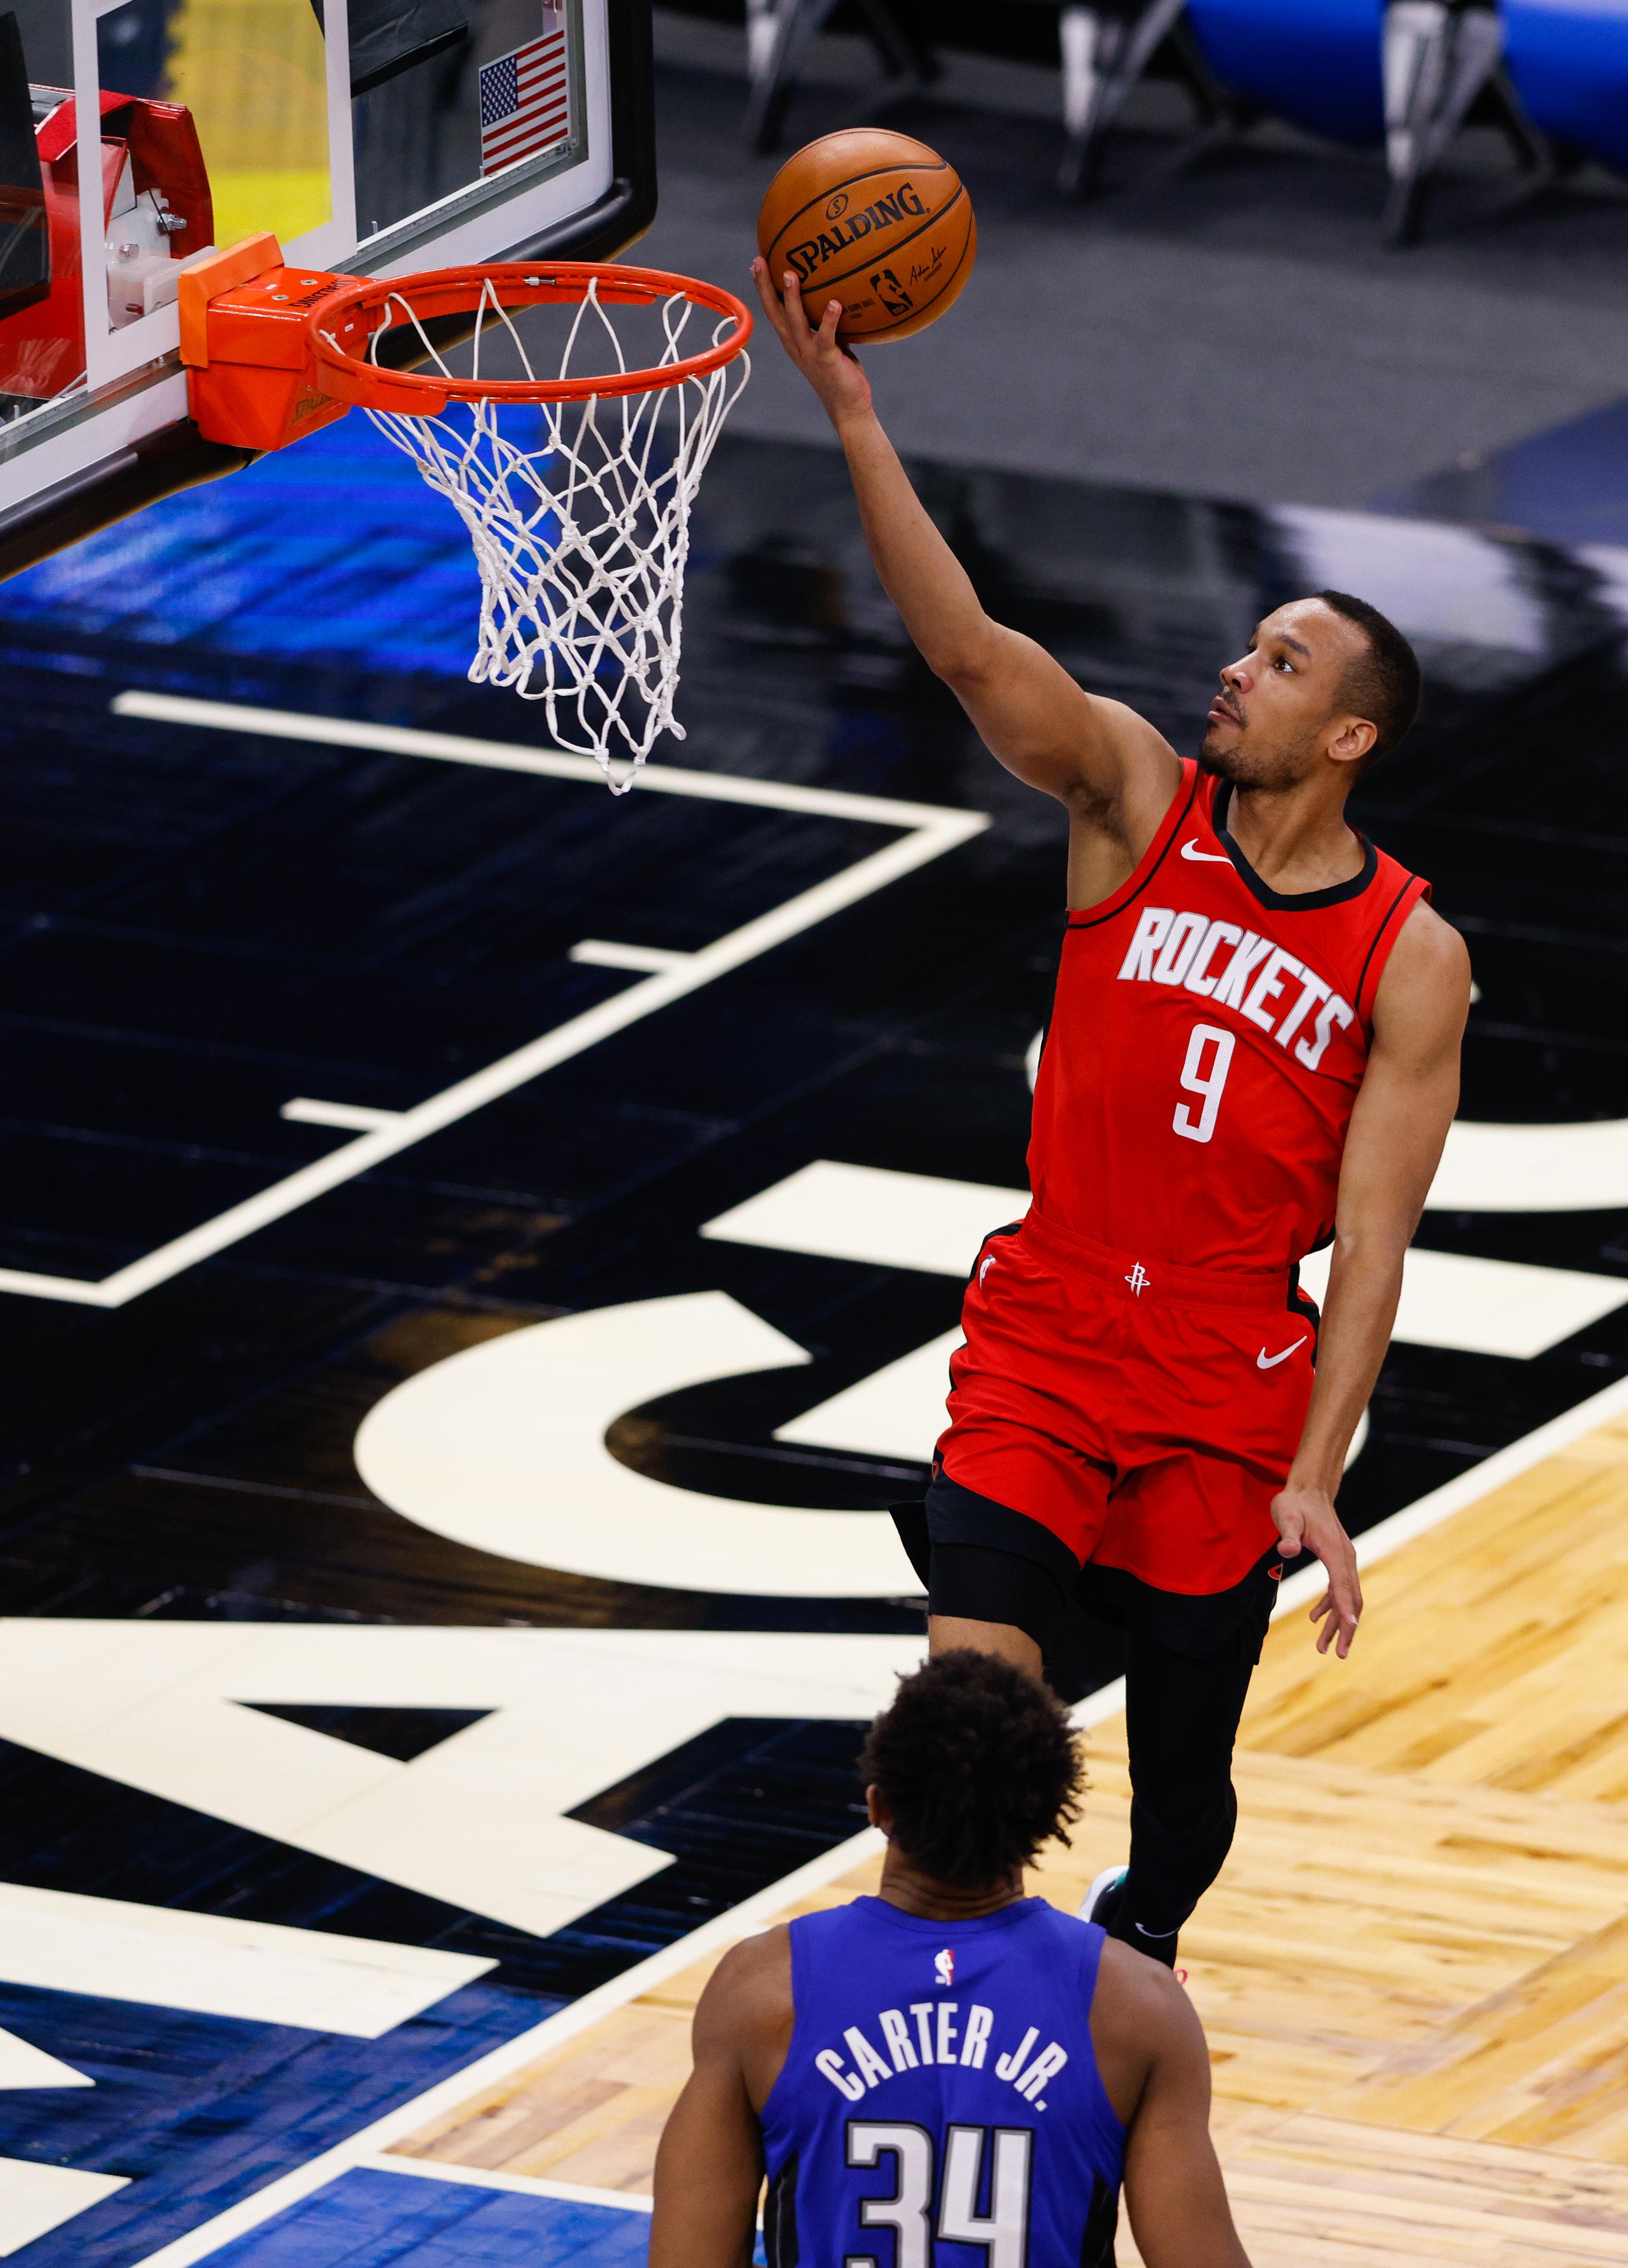 NBA: Houston Rockets at Orlando Magic